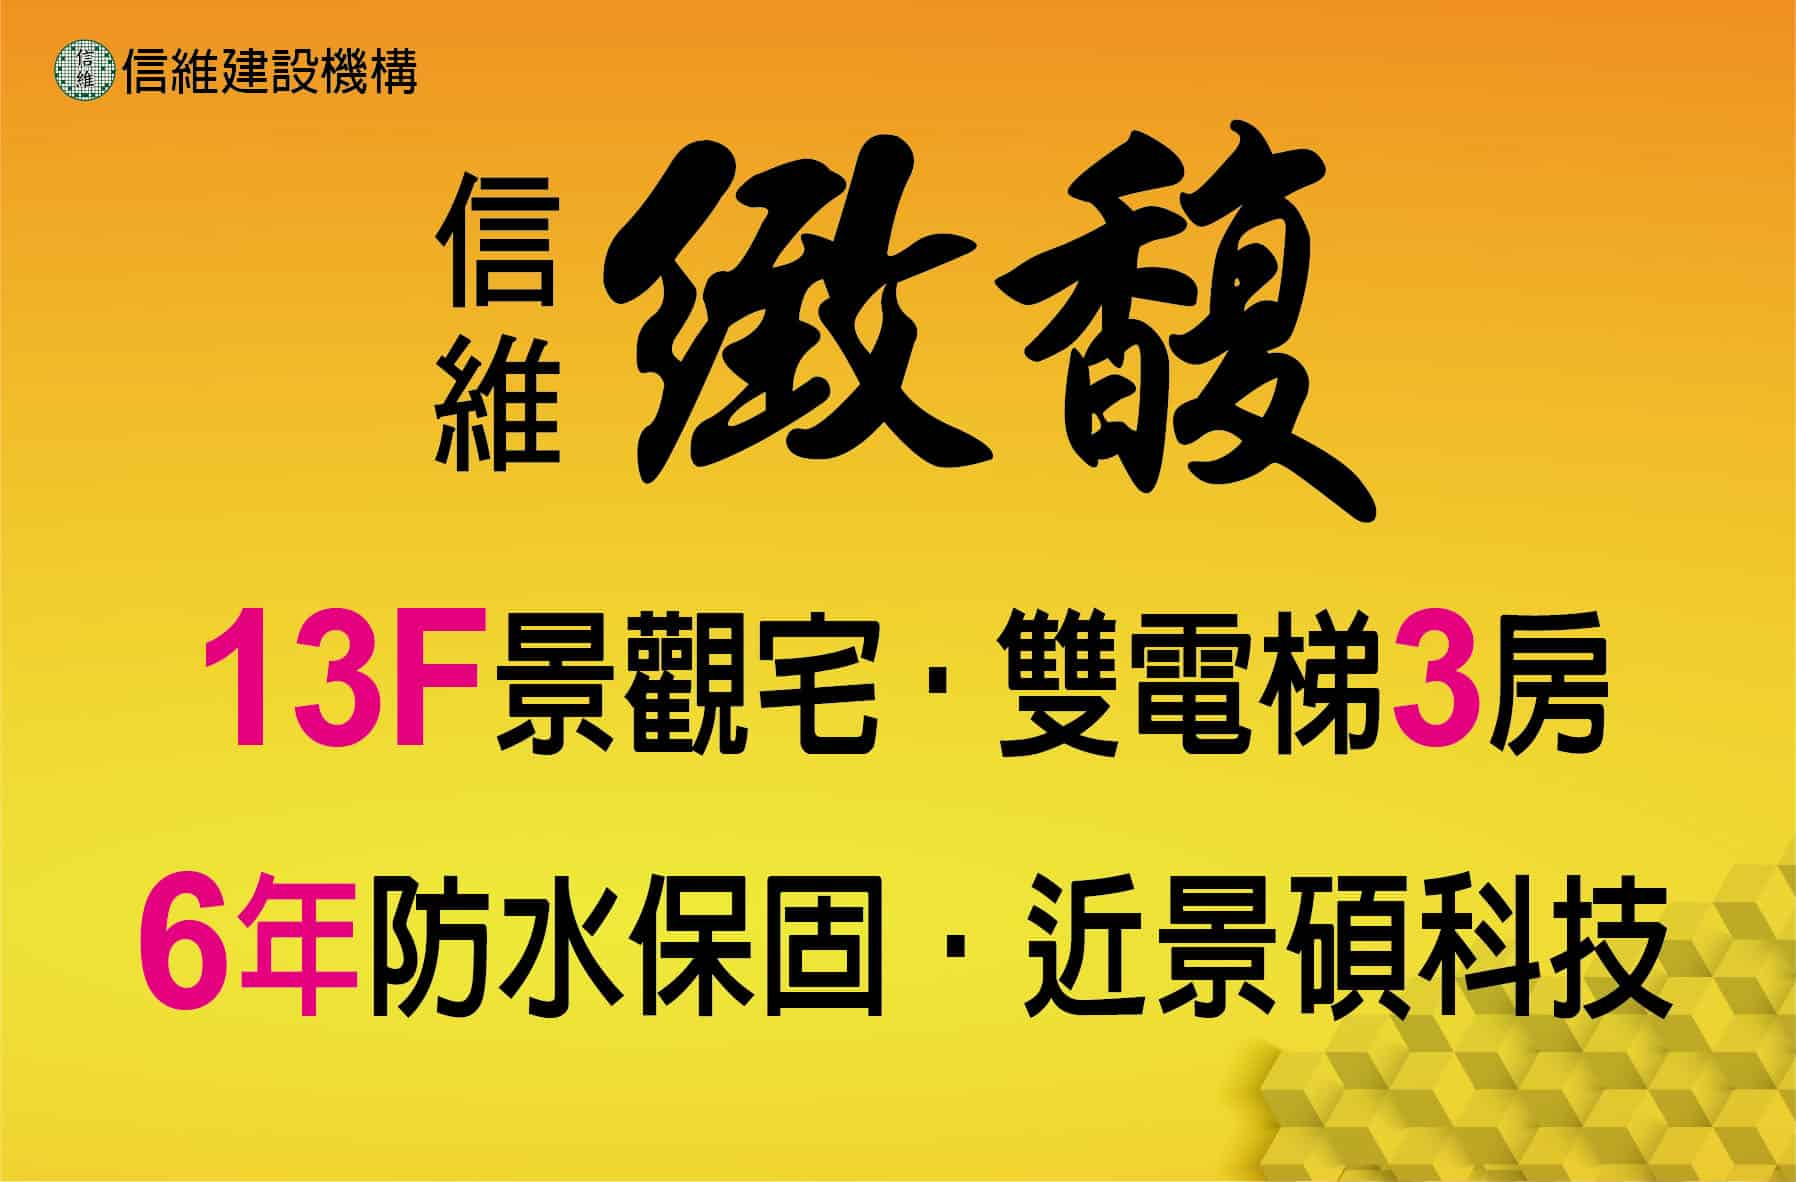 圖片:新竹新豐預售建案 信維科技建設【緻馥】雙電梯3房輕豪宅